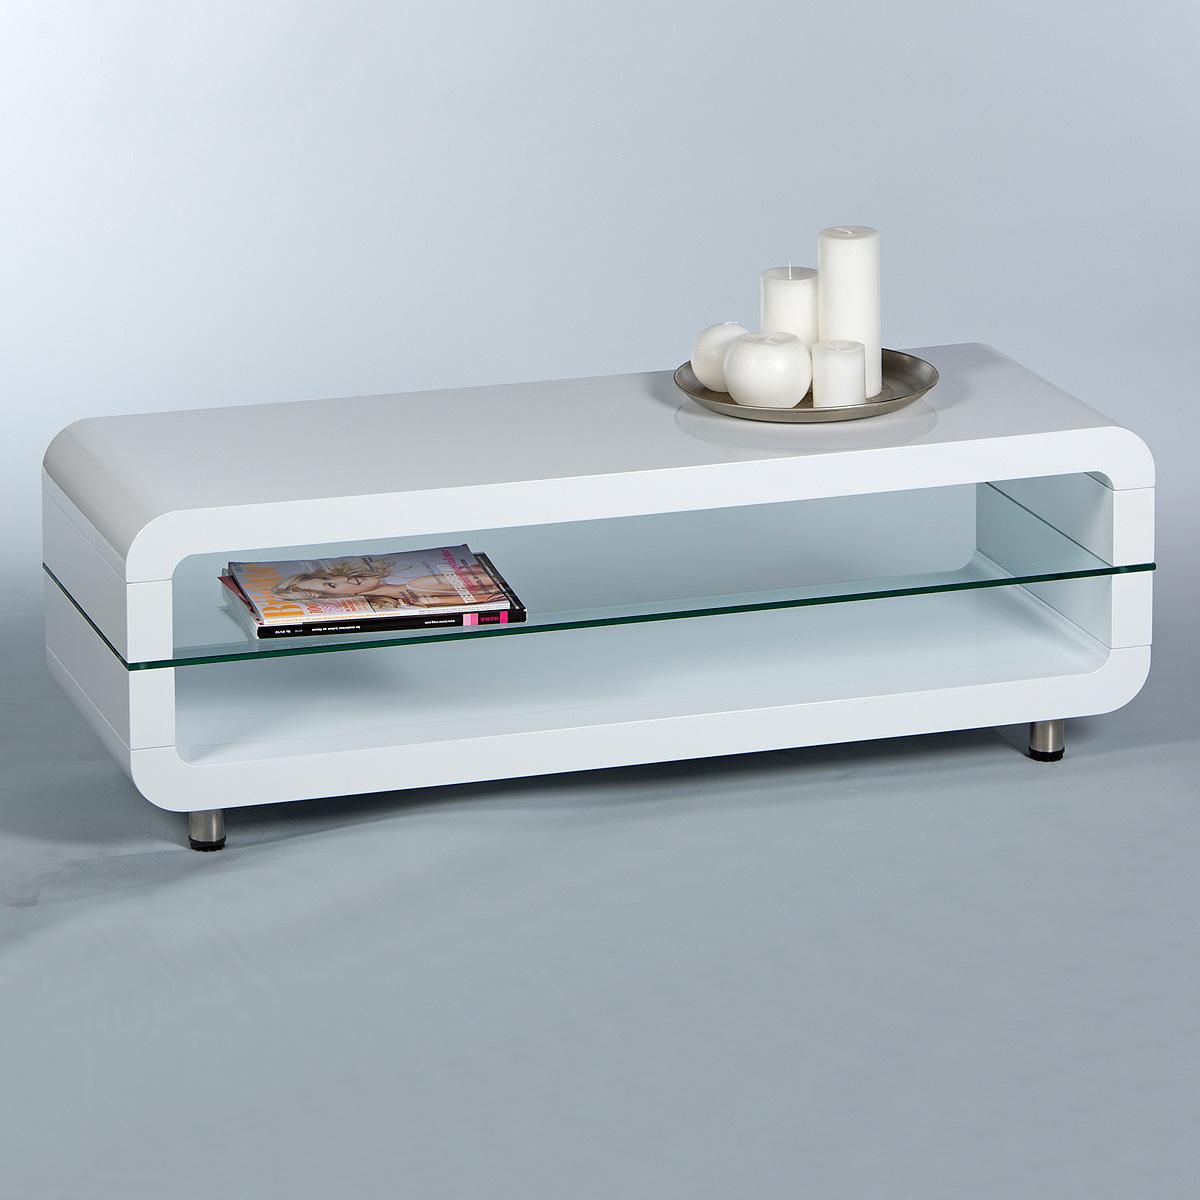 lowboard wei glanz inspirierendes design. Black Bedroom Furniture Sets. Home Design Ideas